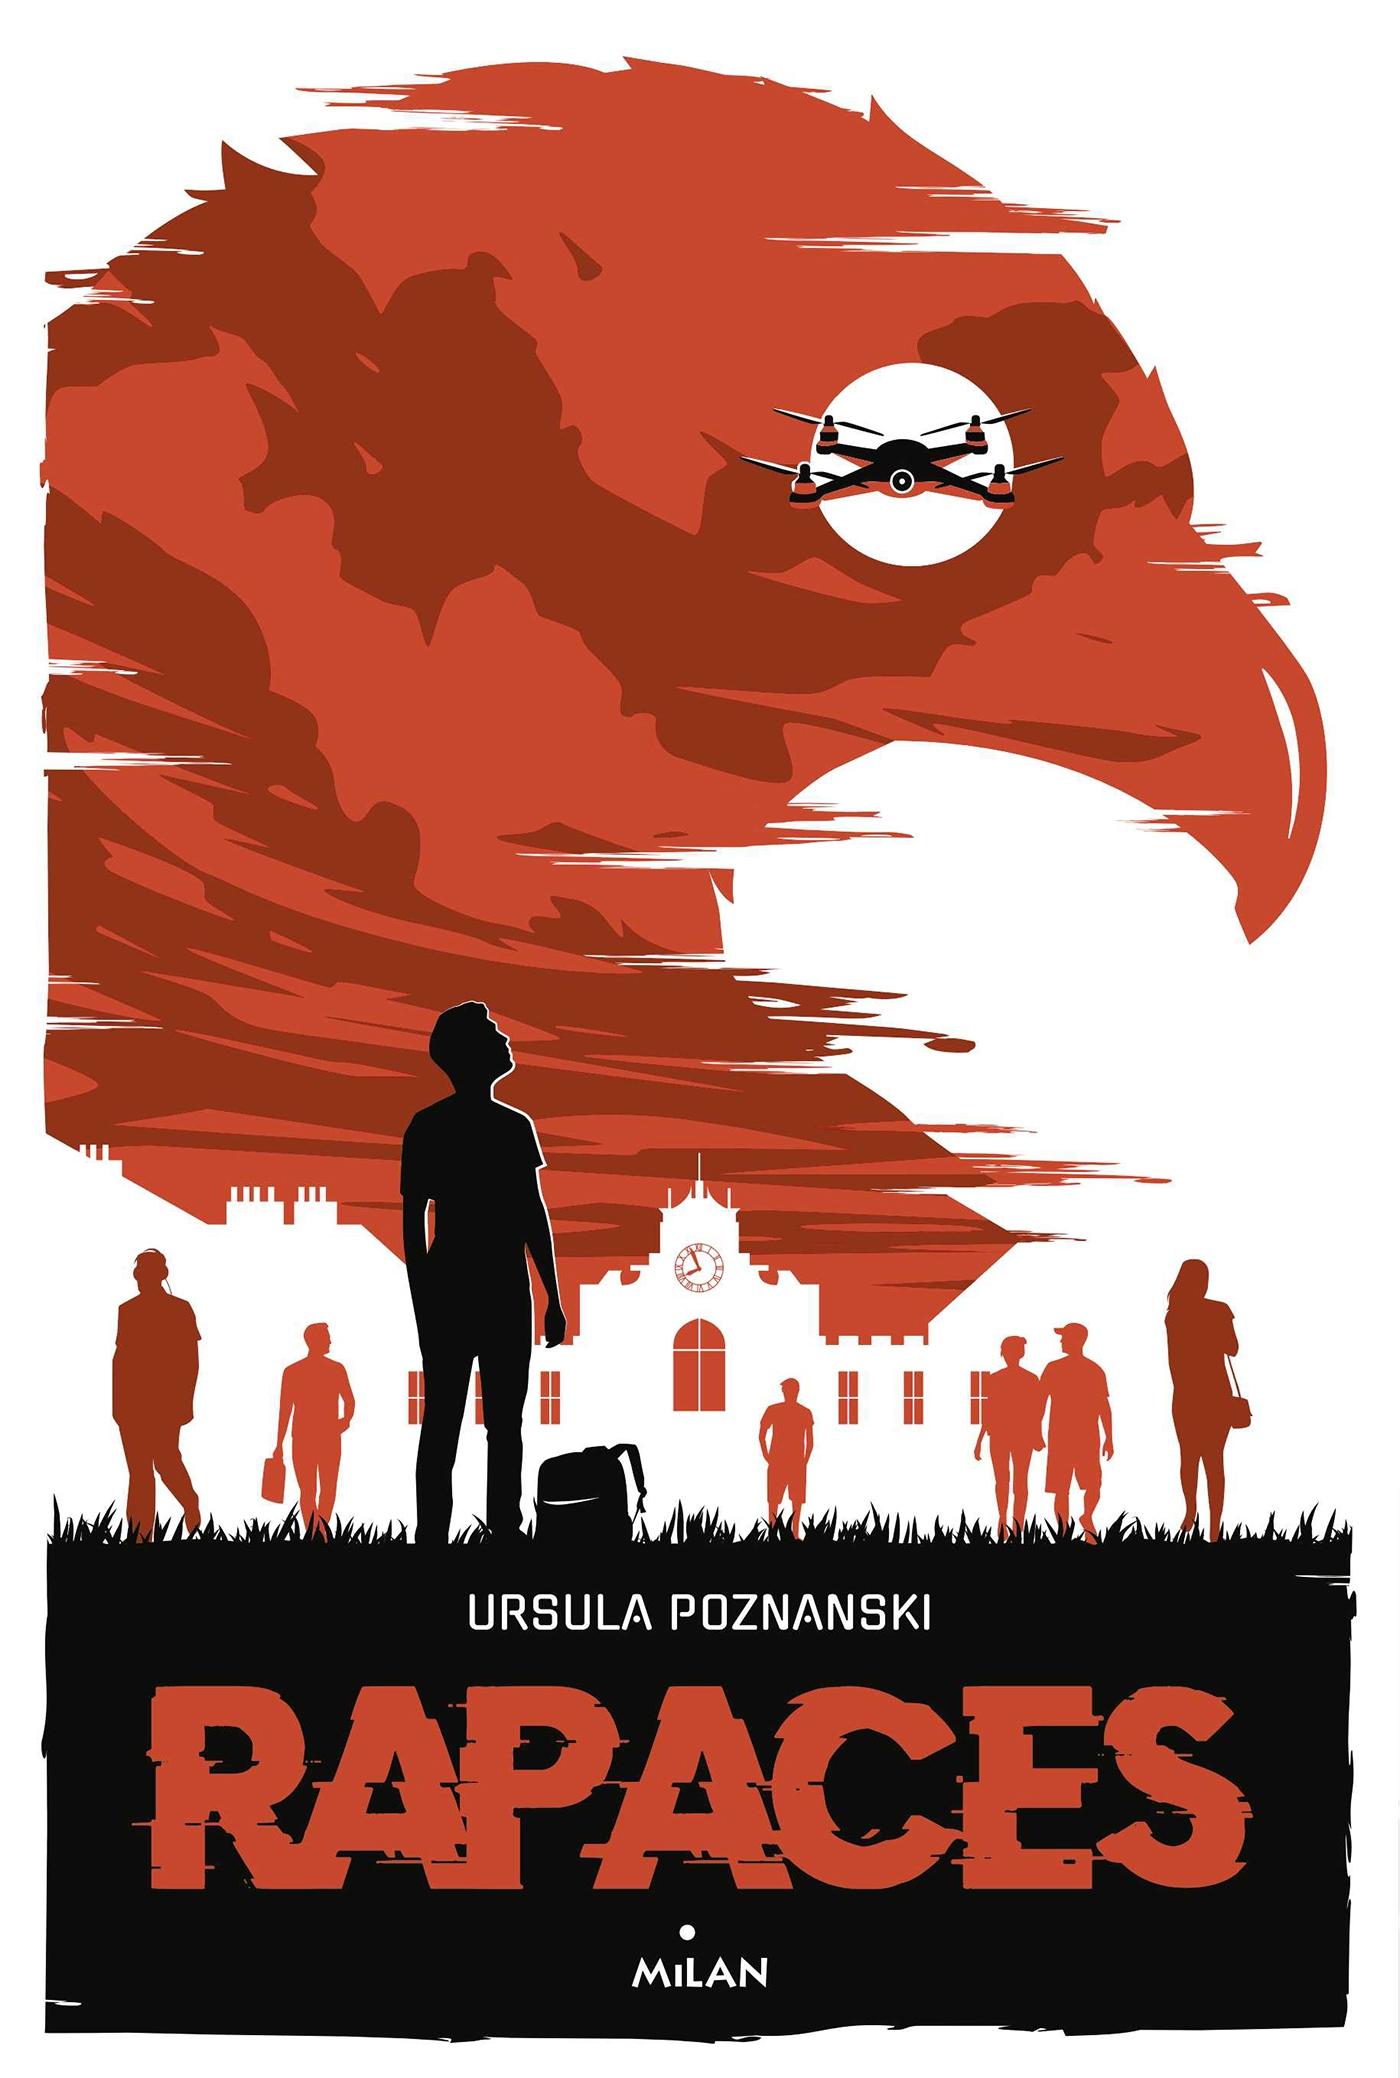 Image de l'article «Rapaces d'Ursula Poznanski»